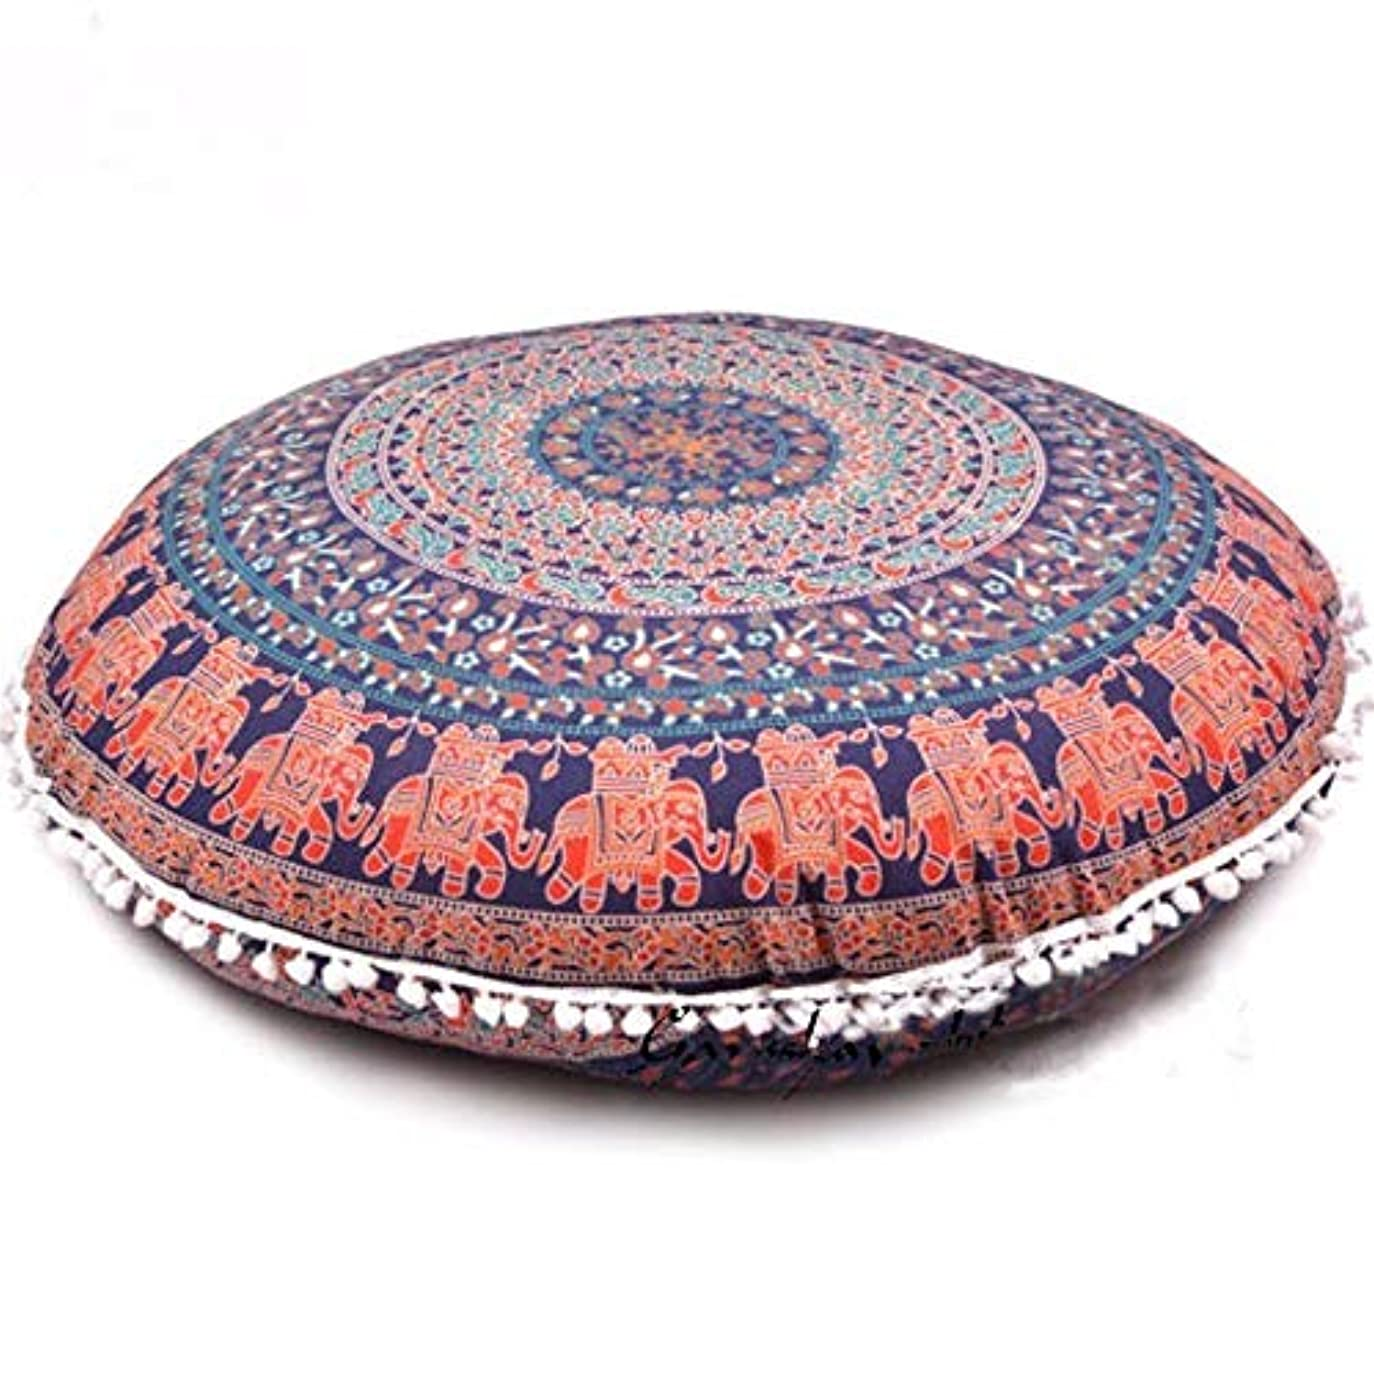 ヒットスーパーマーケット気楽なLIFE 2017 カラフルな曼荼羅床枕オットマンラウンドボヘミアン瞑想クッション枕プーフ クッション 椅子